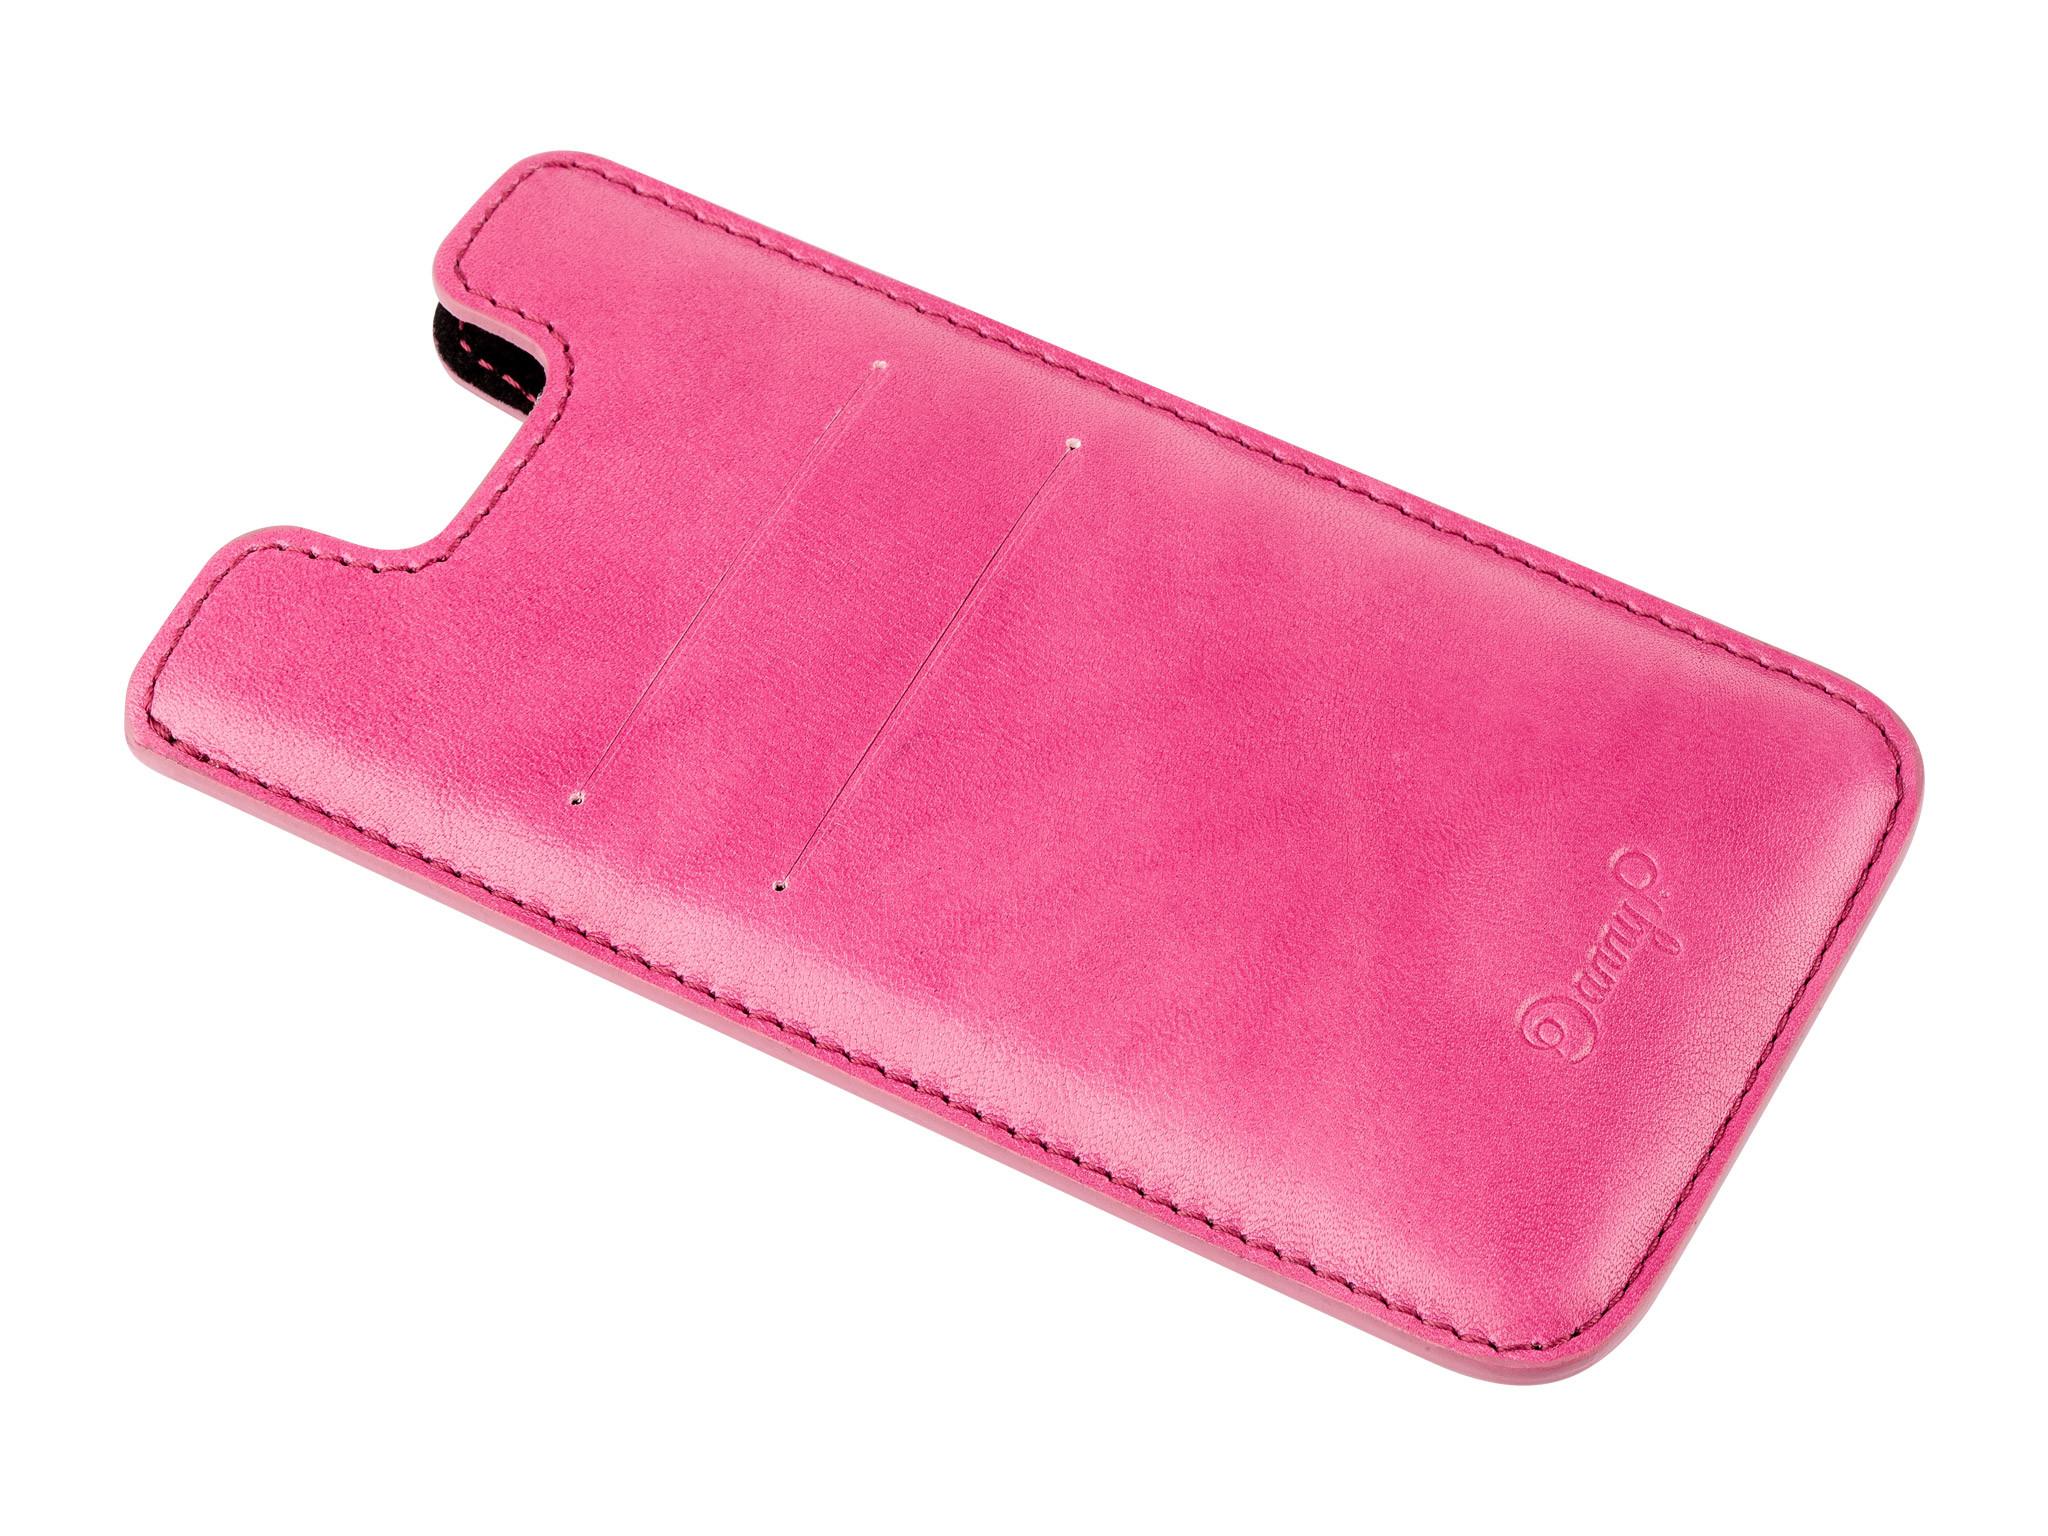 Danny P. Kožený obal na iPhone 7/6S/6, Růžový